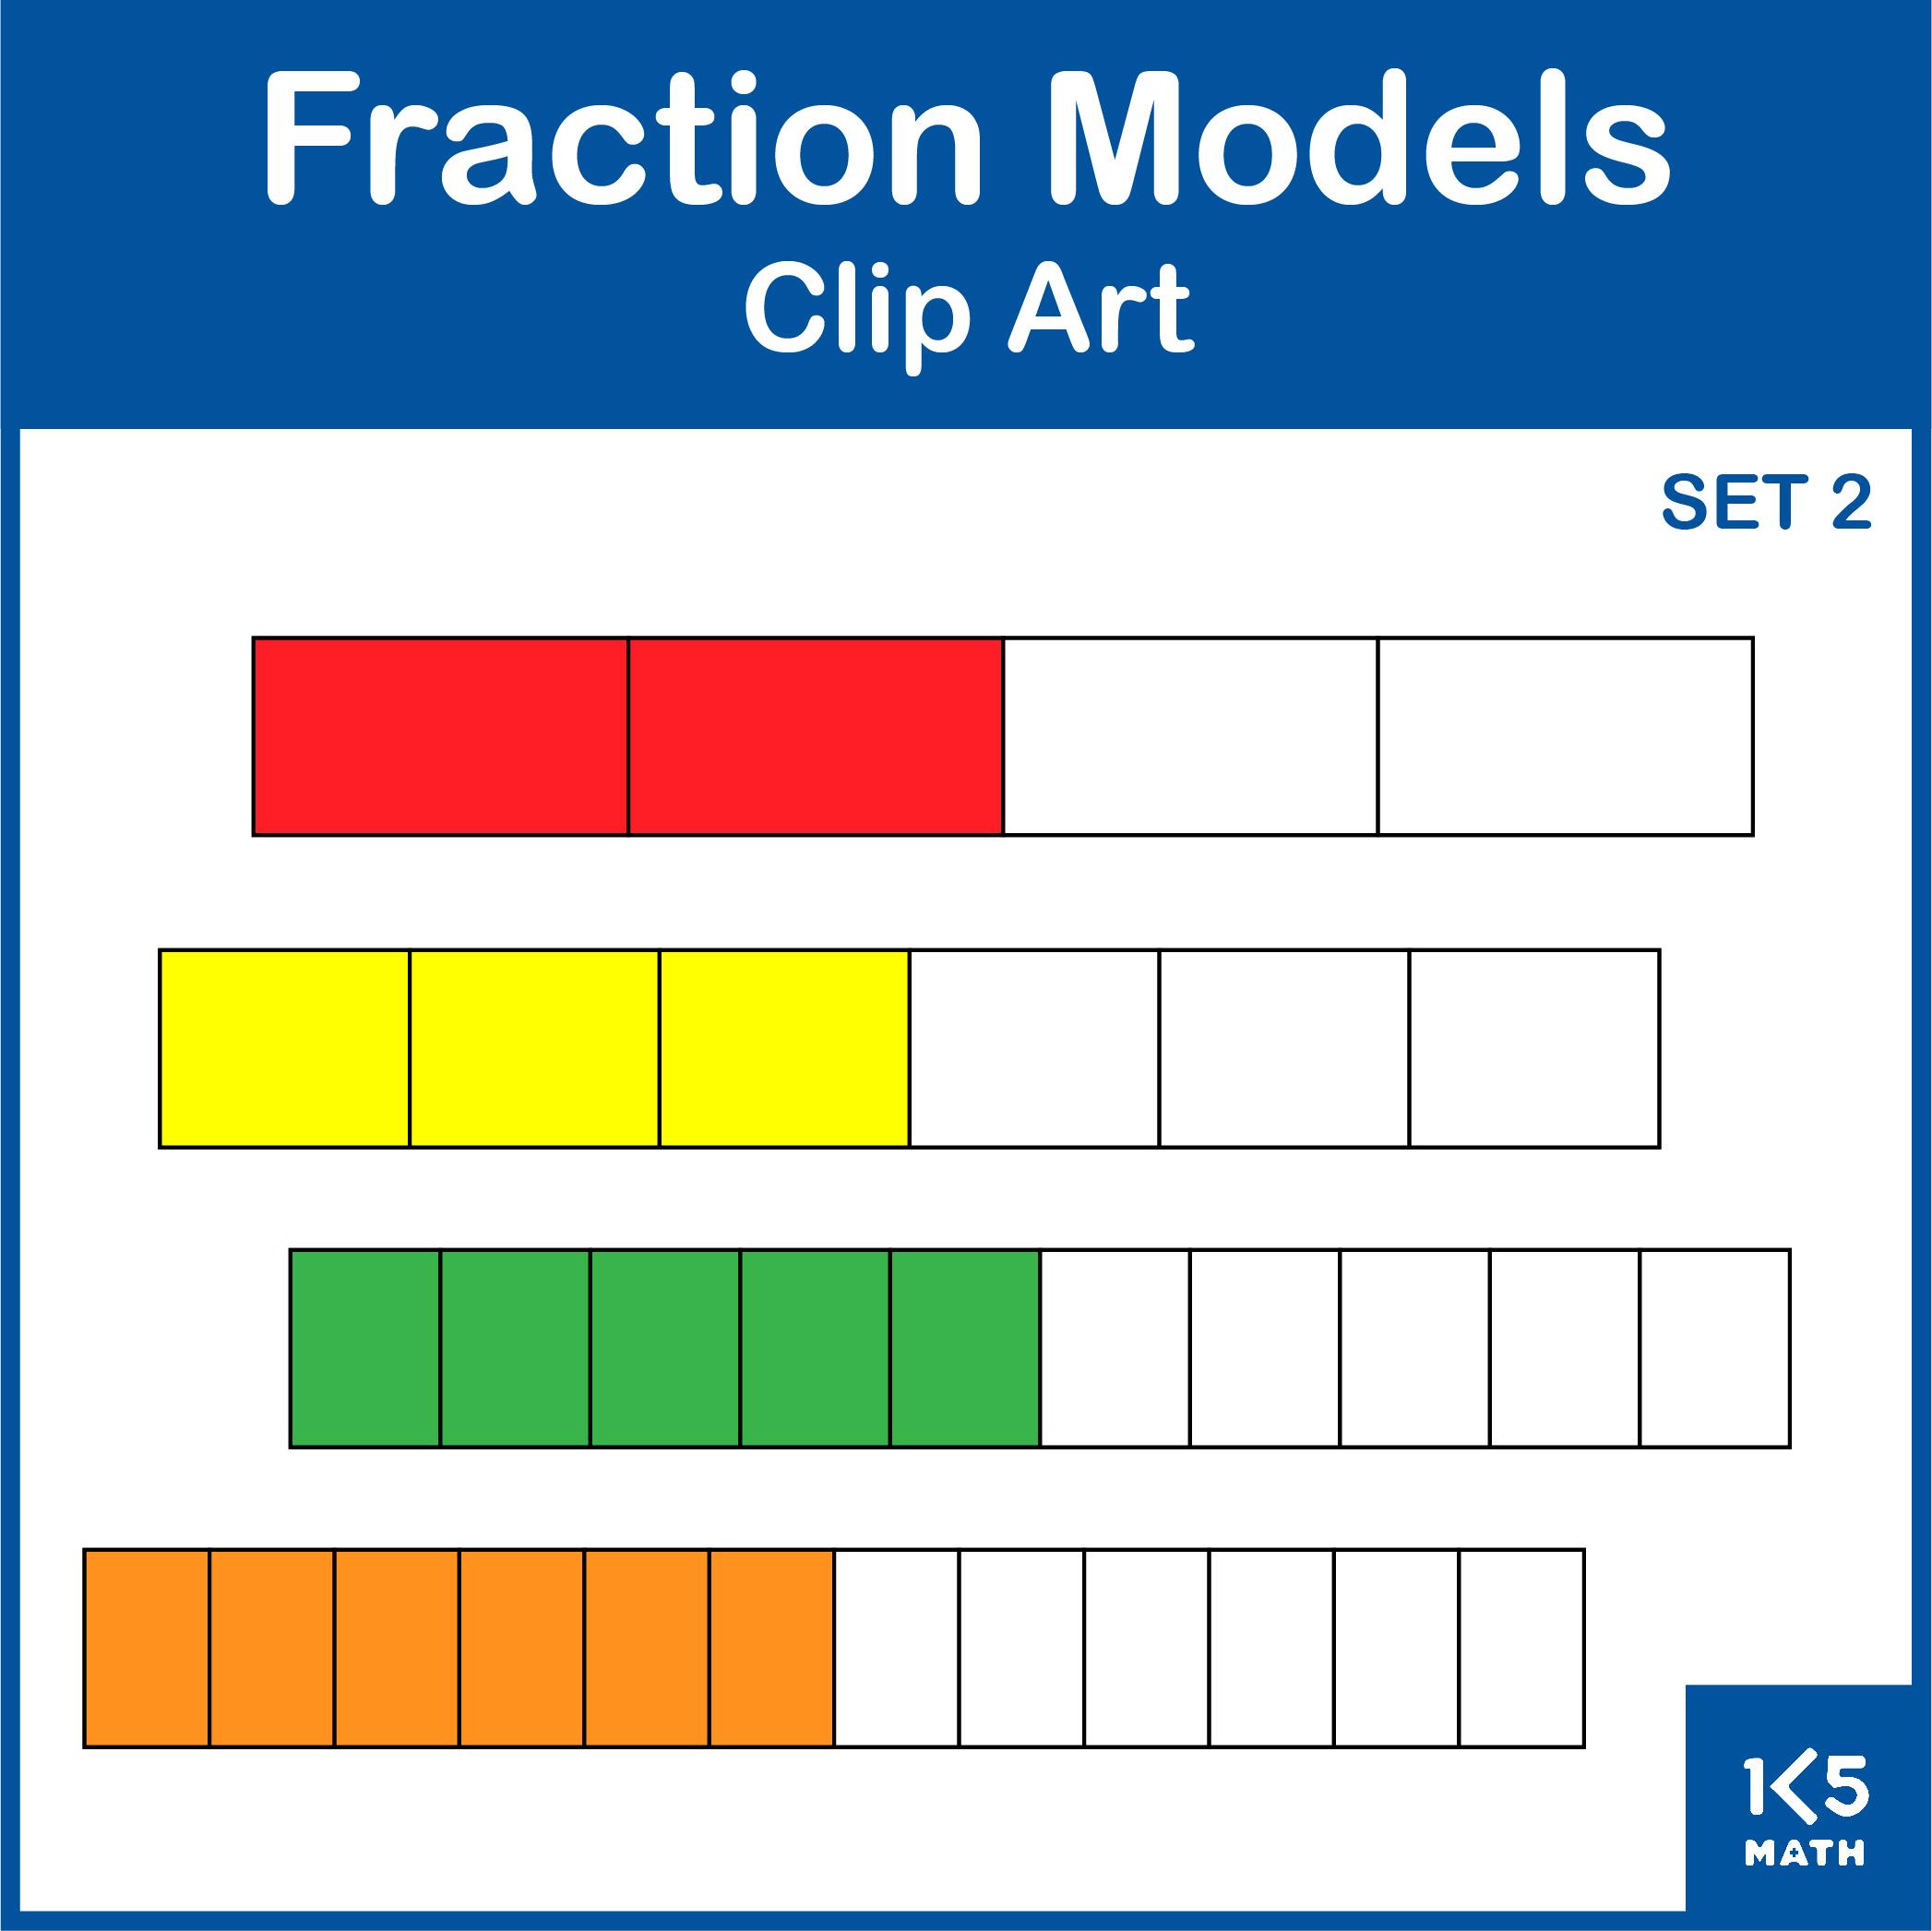 Fraction Models: Set 2 includes fraction rectangles and fraction/decimal number lines.